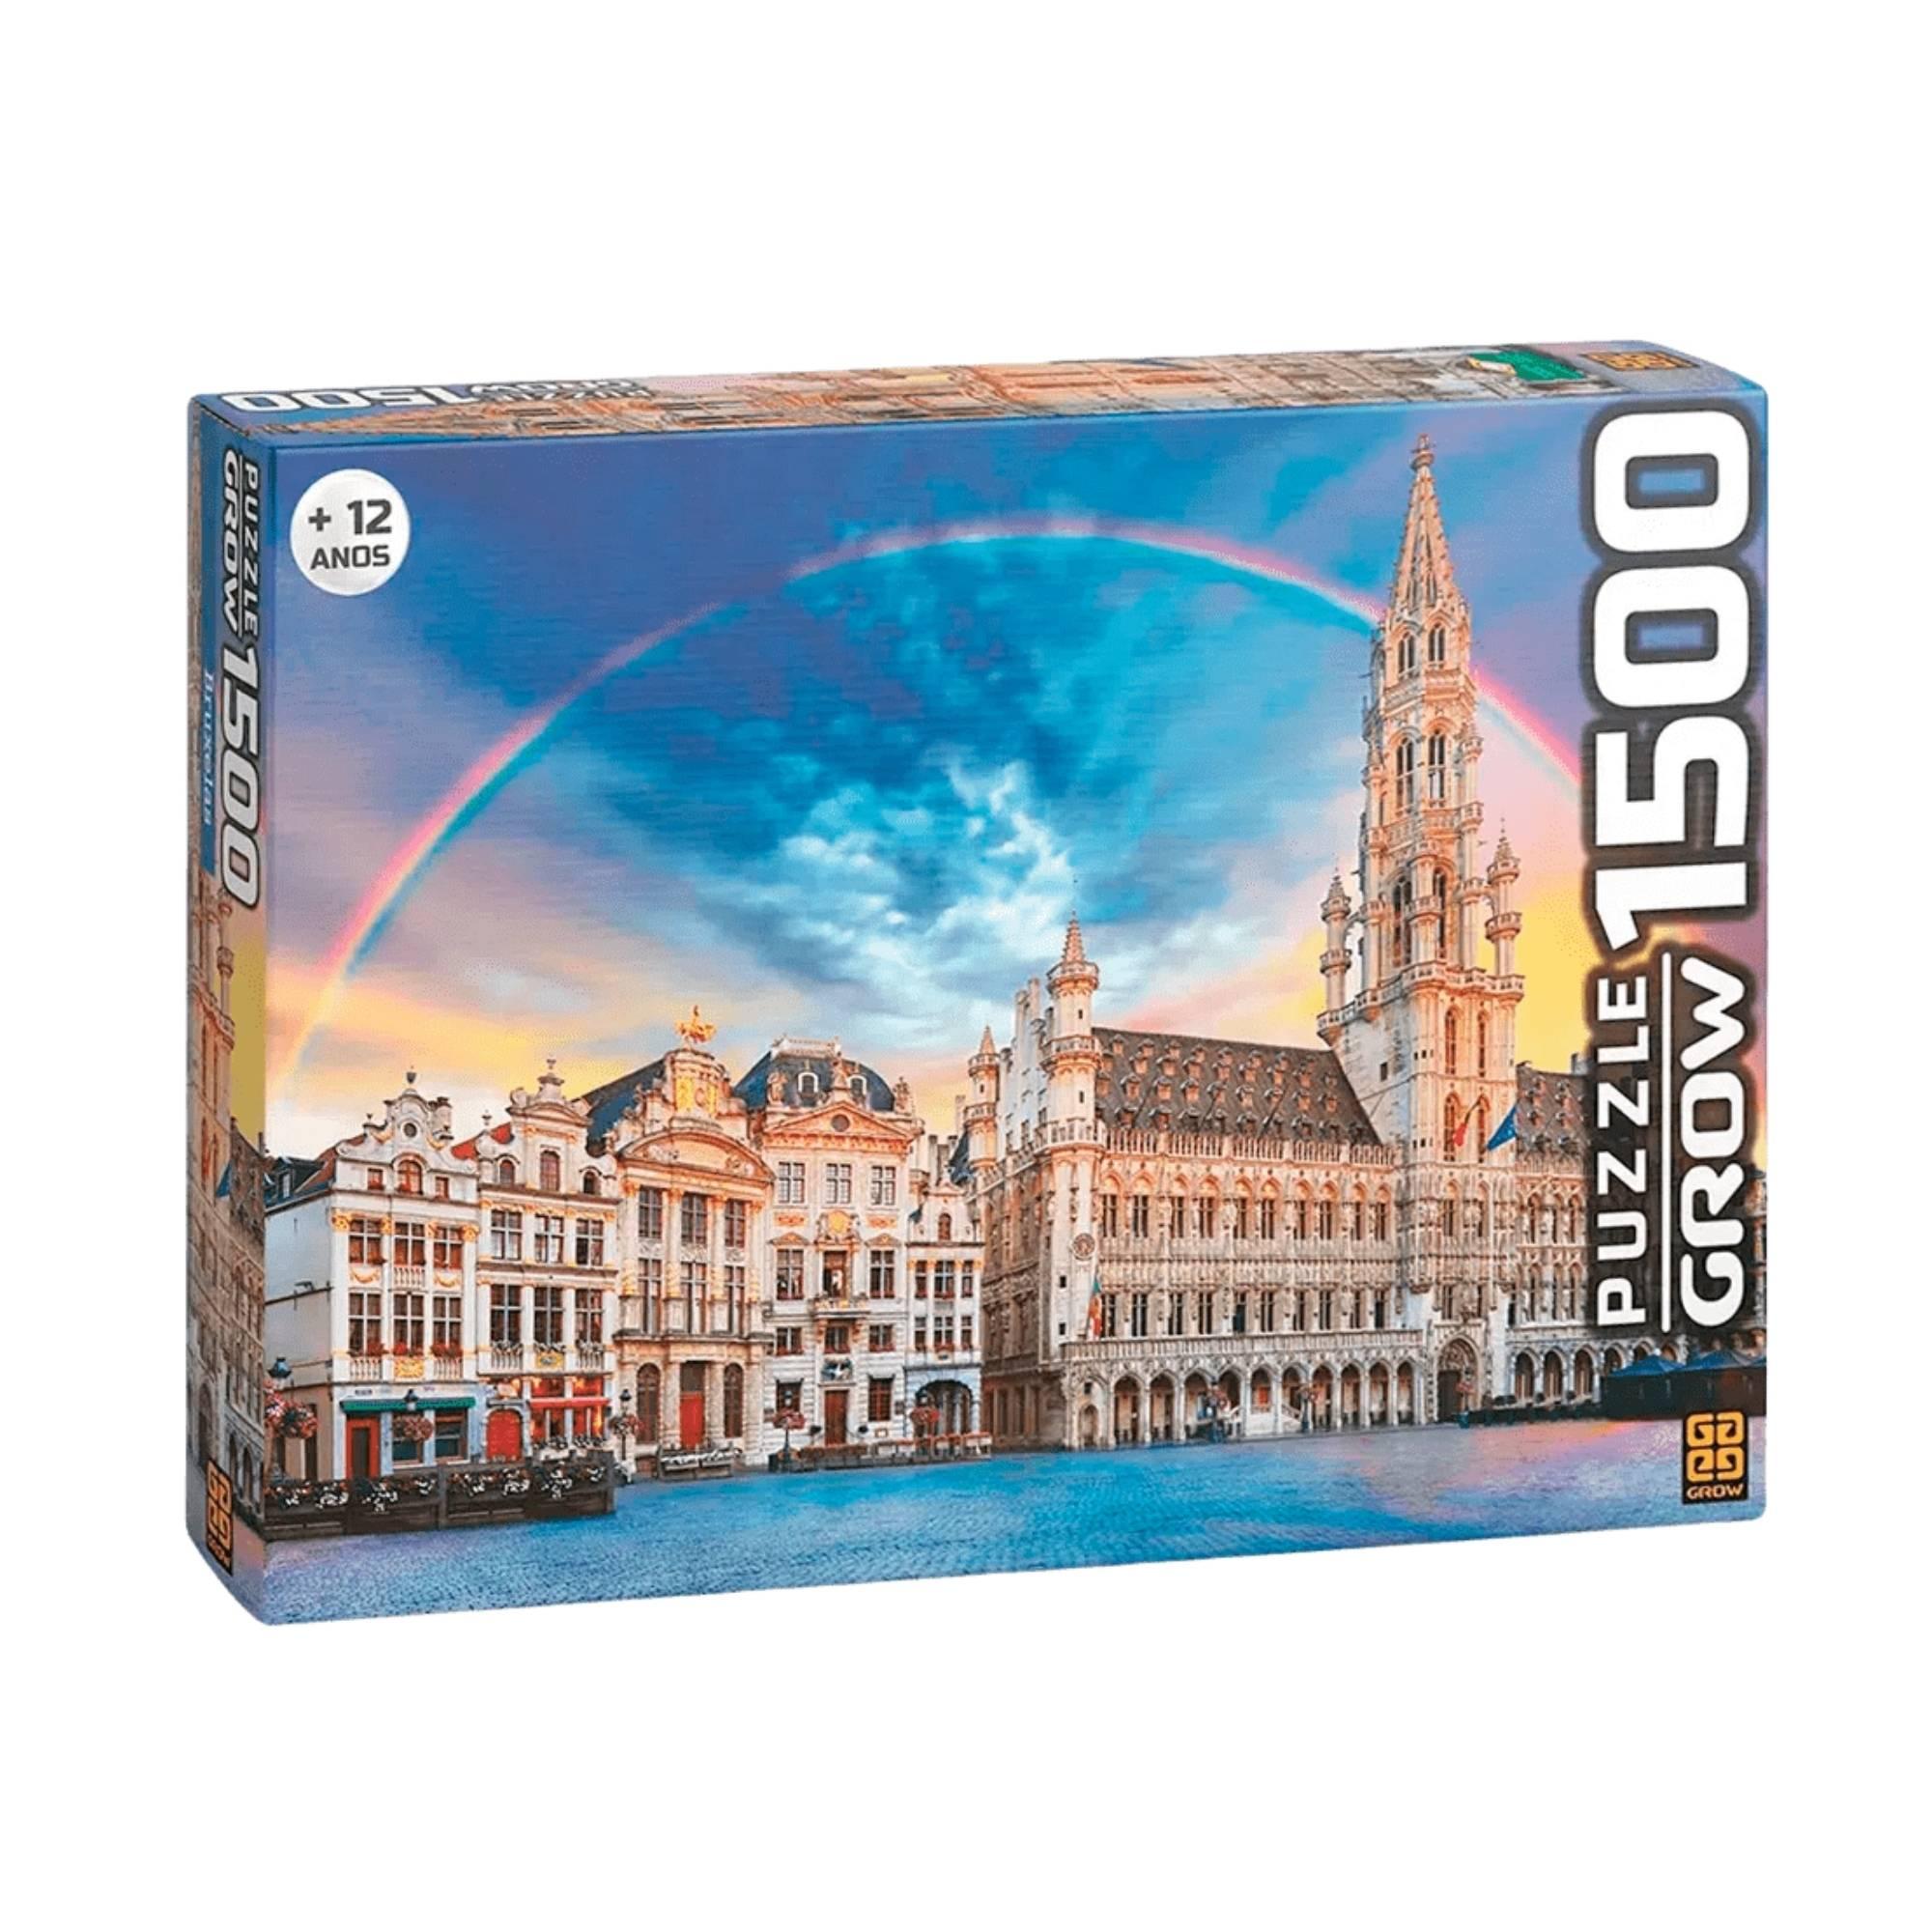 Quebra-cabeça Bruxelas 1500 peças - Grow